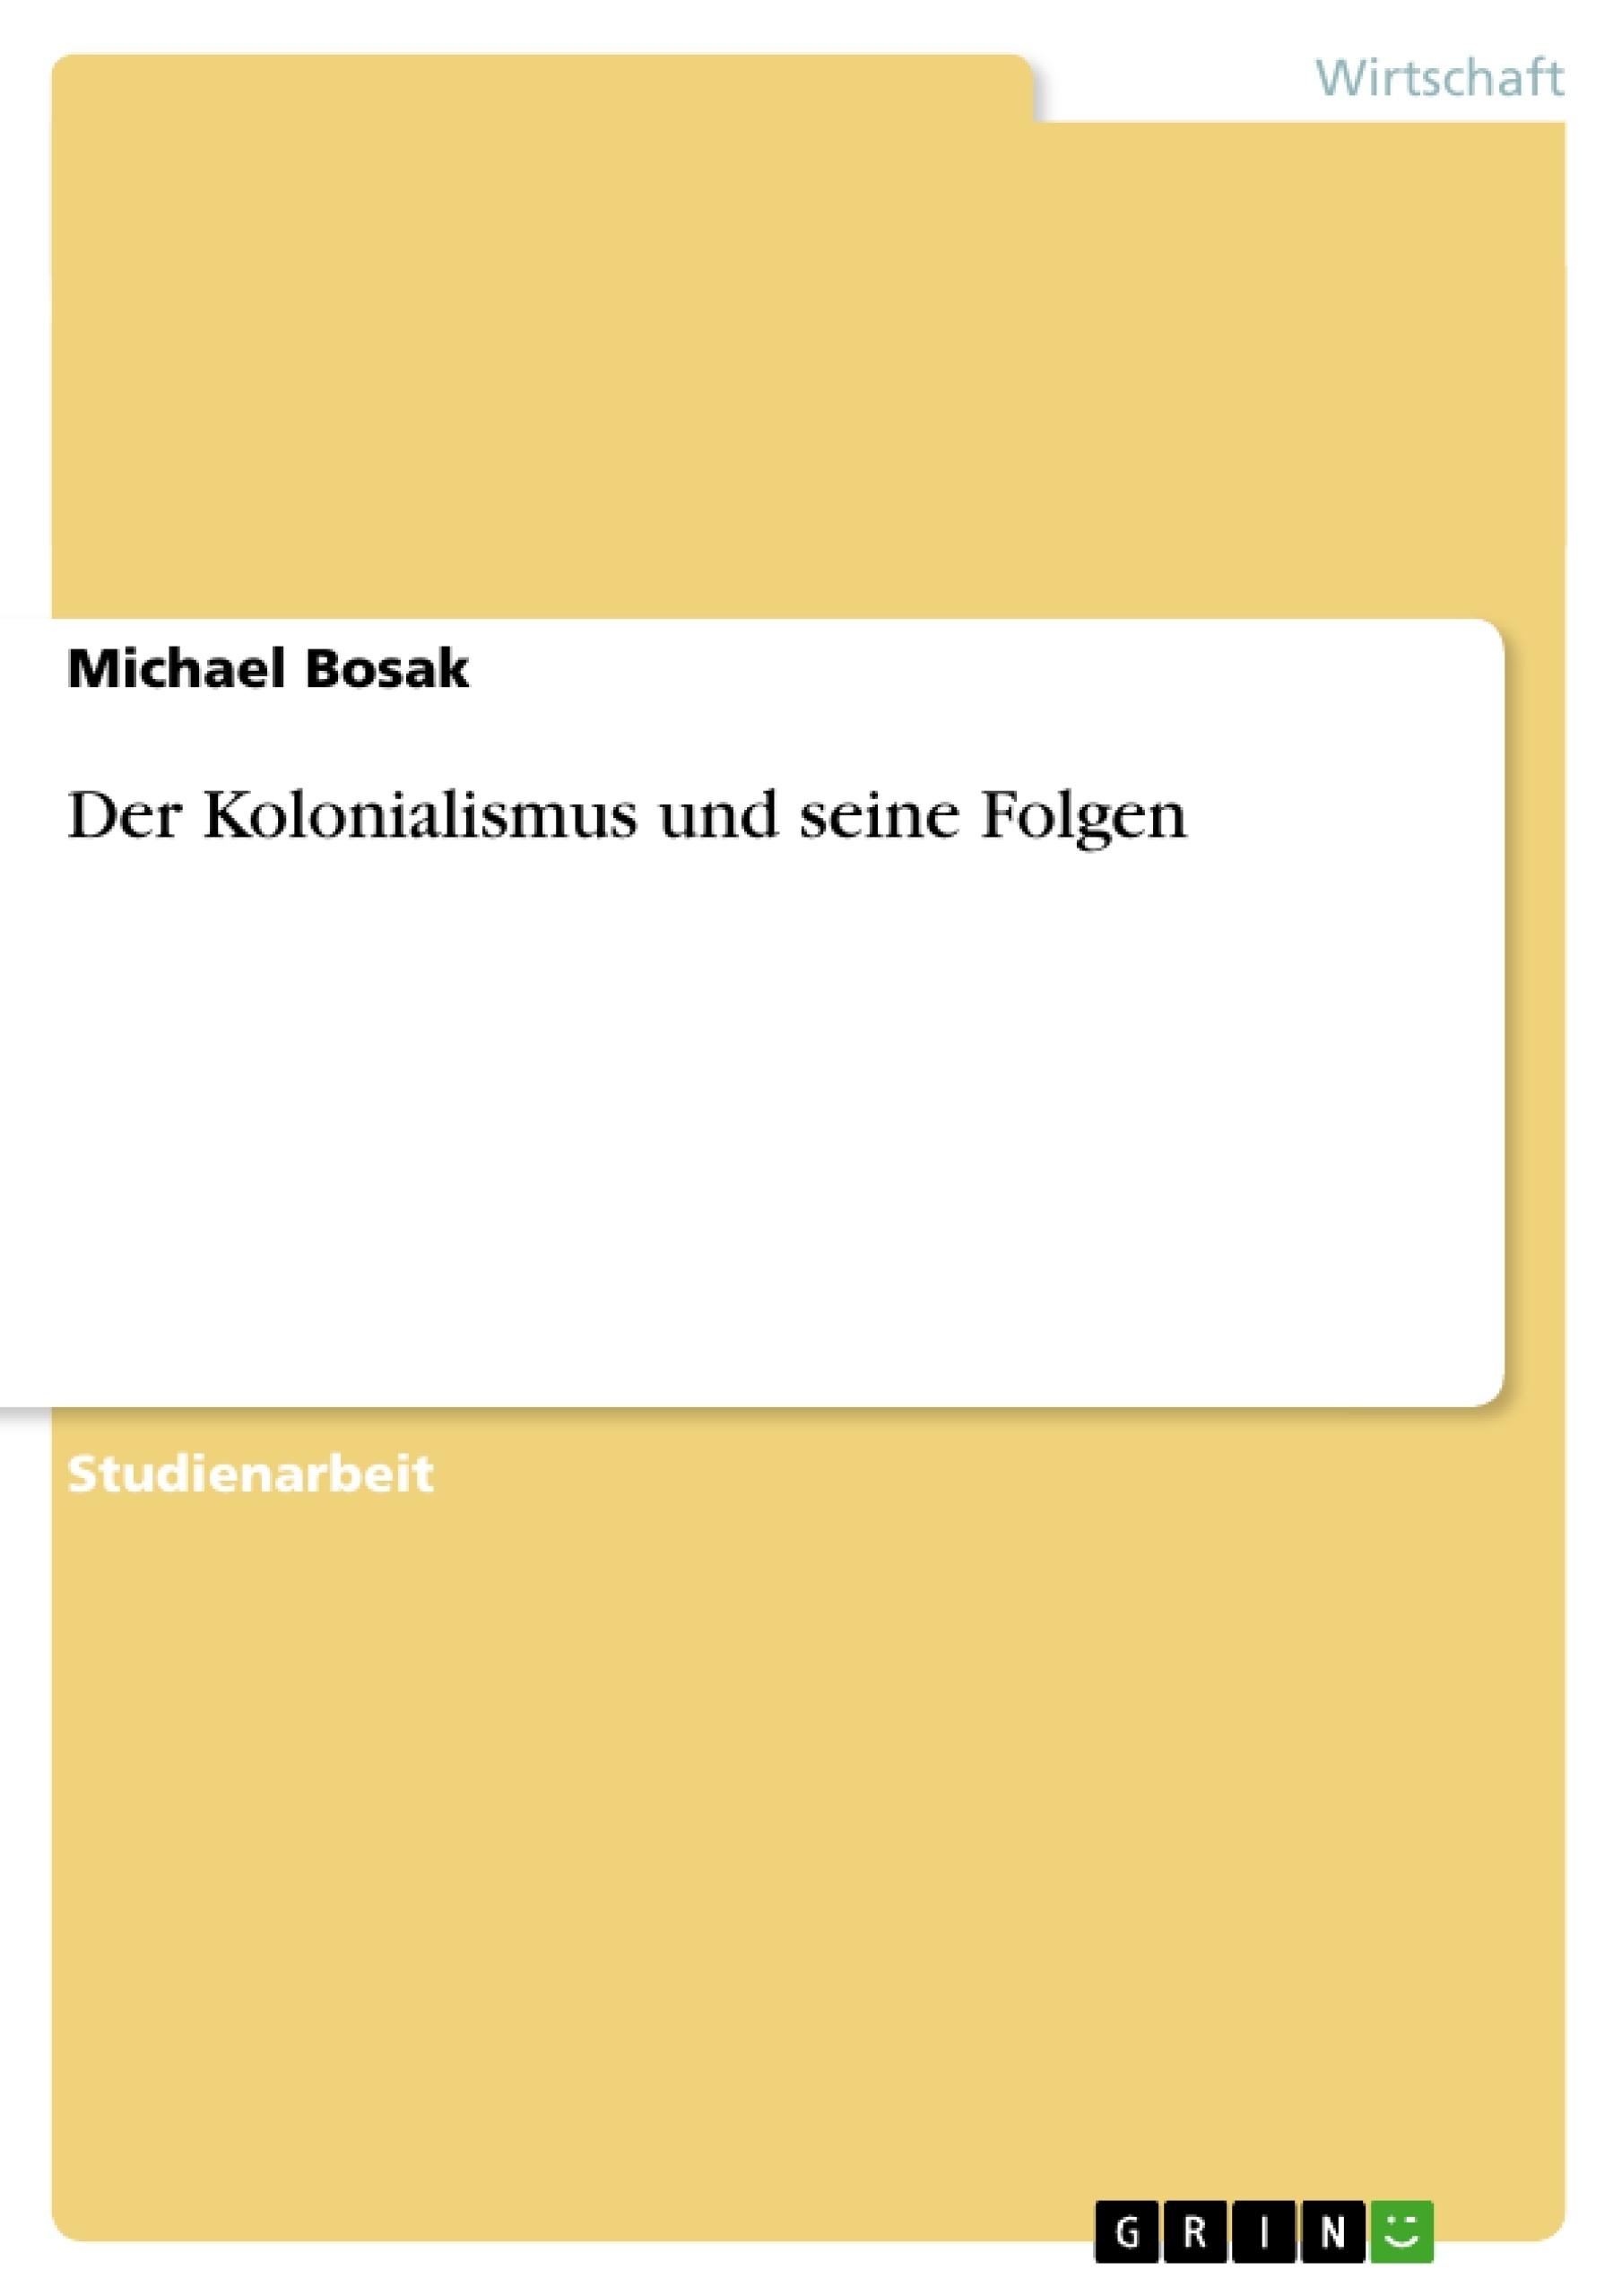 Titel: Der Kolonialismus und seine Folgen